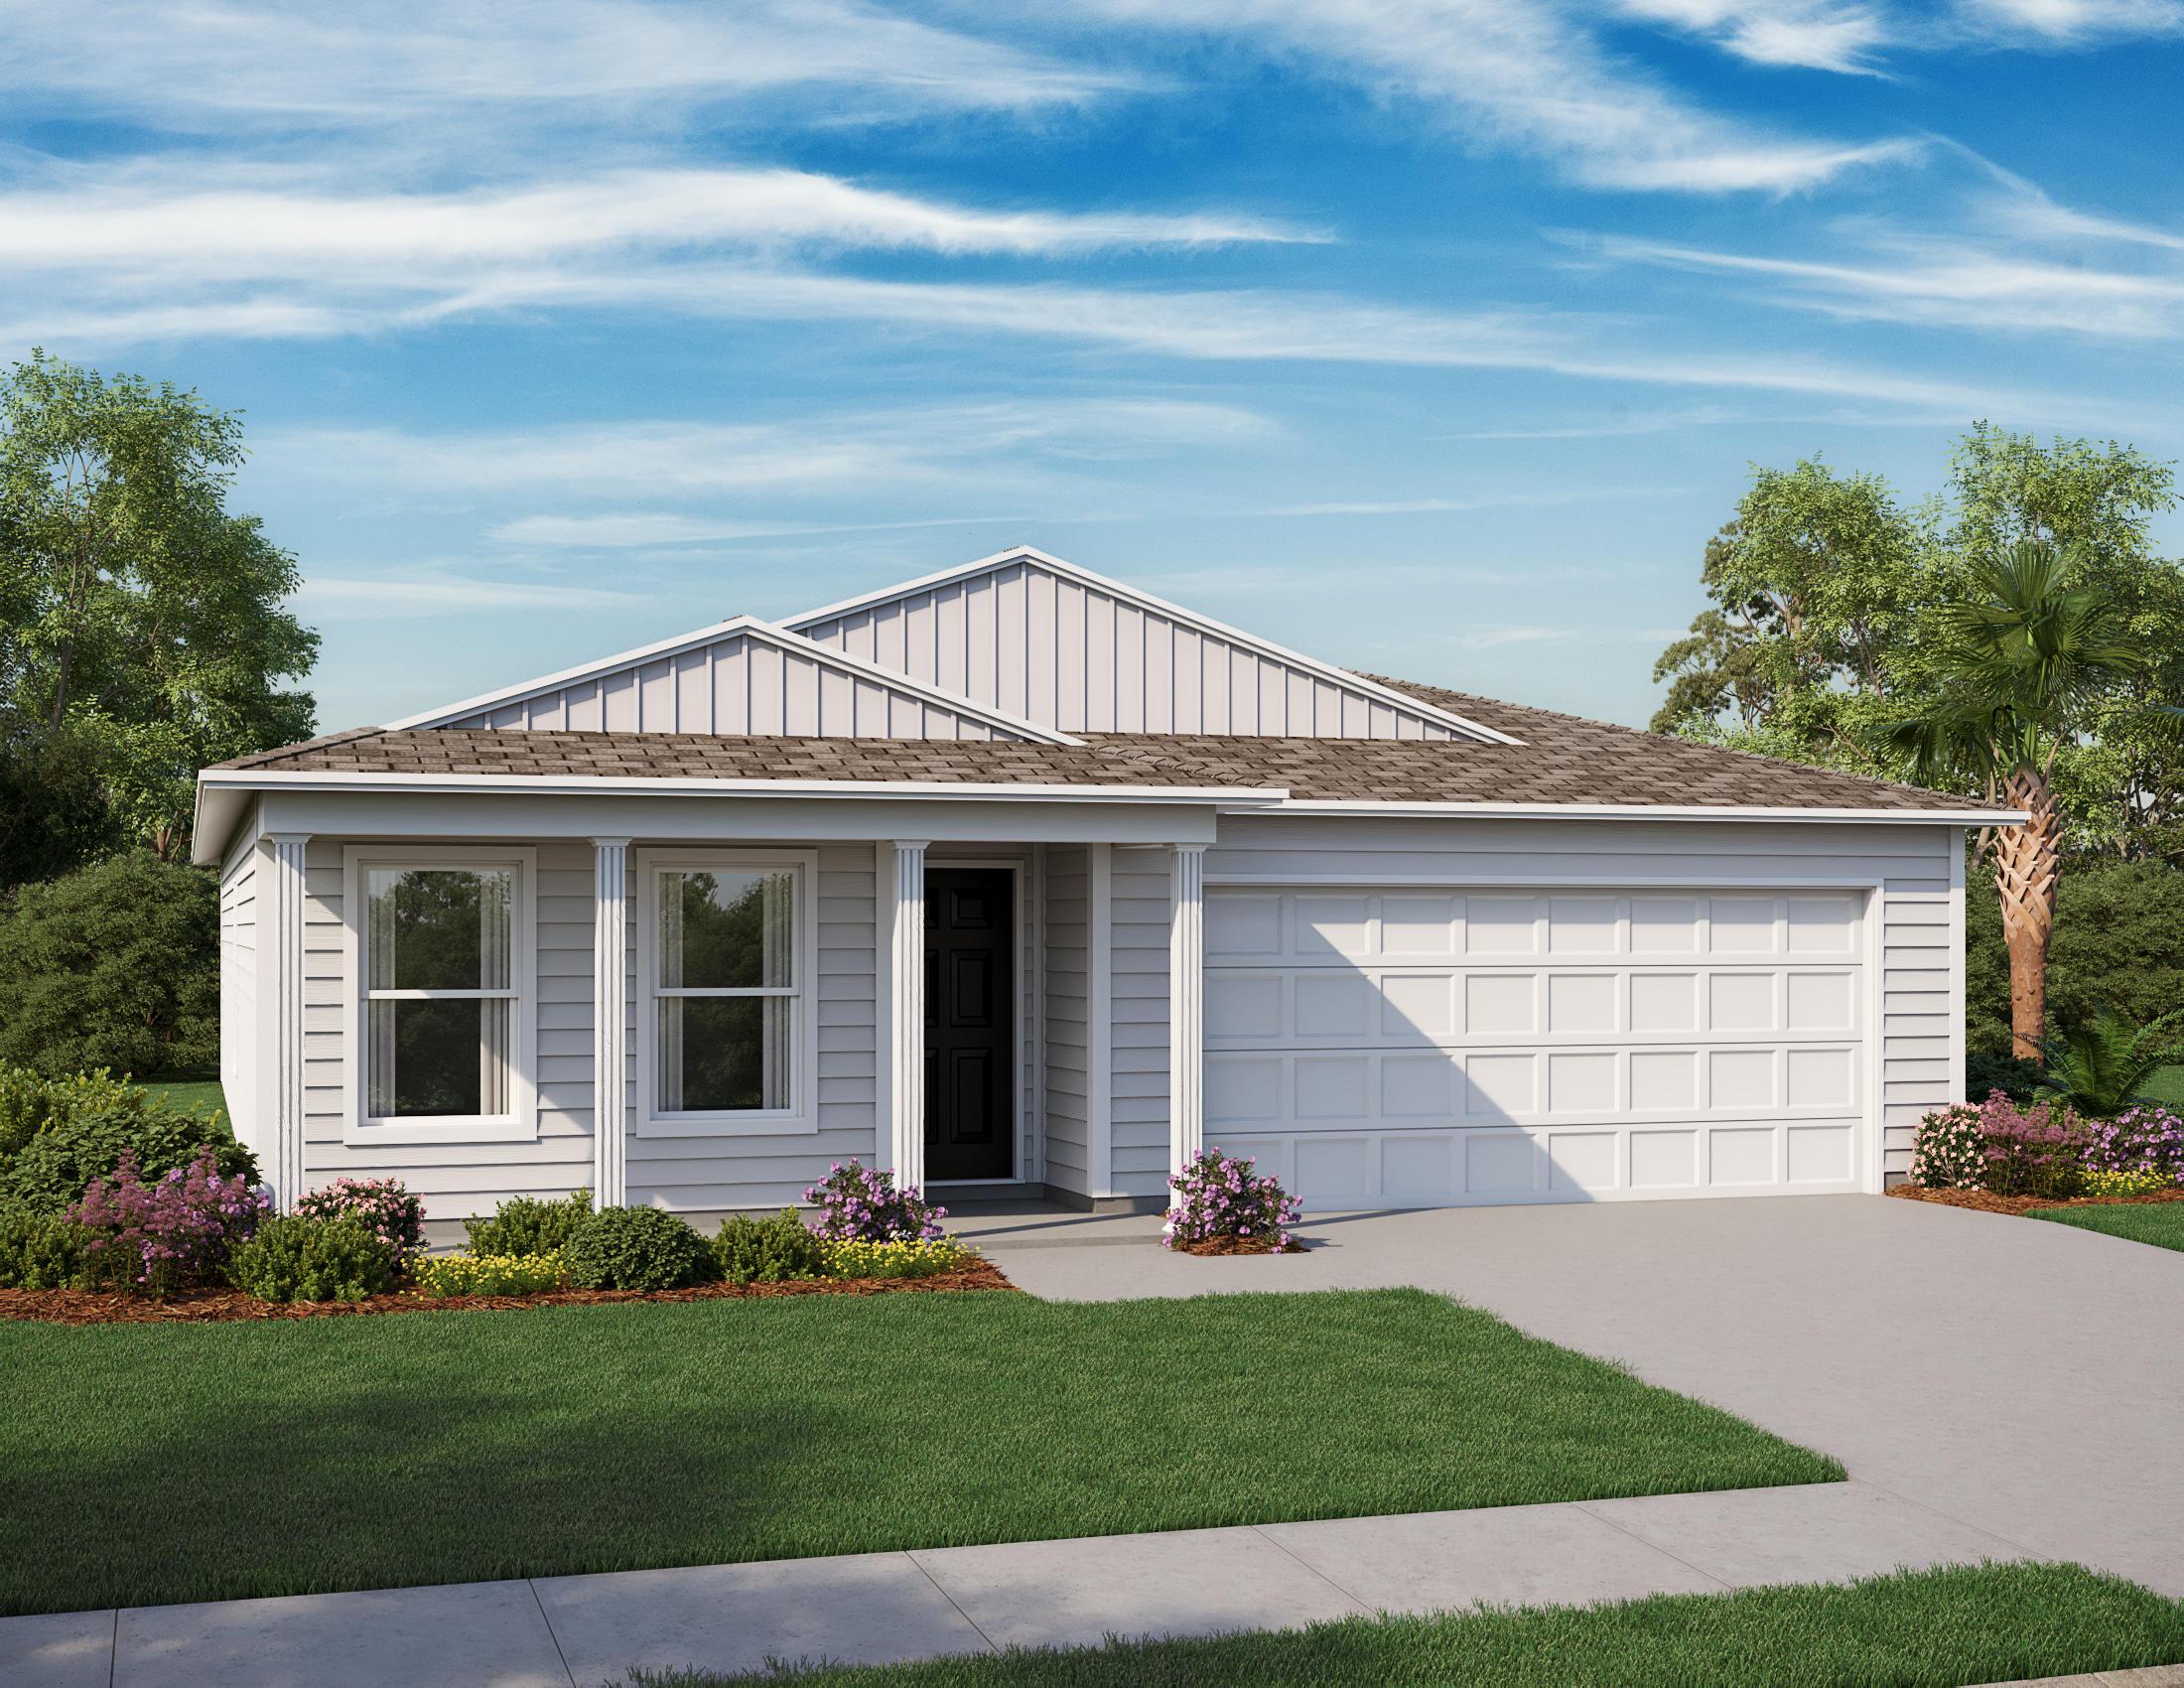 8635 102nd Court, Vero Beach, FL 32967